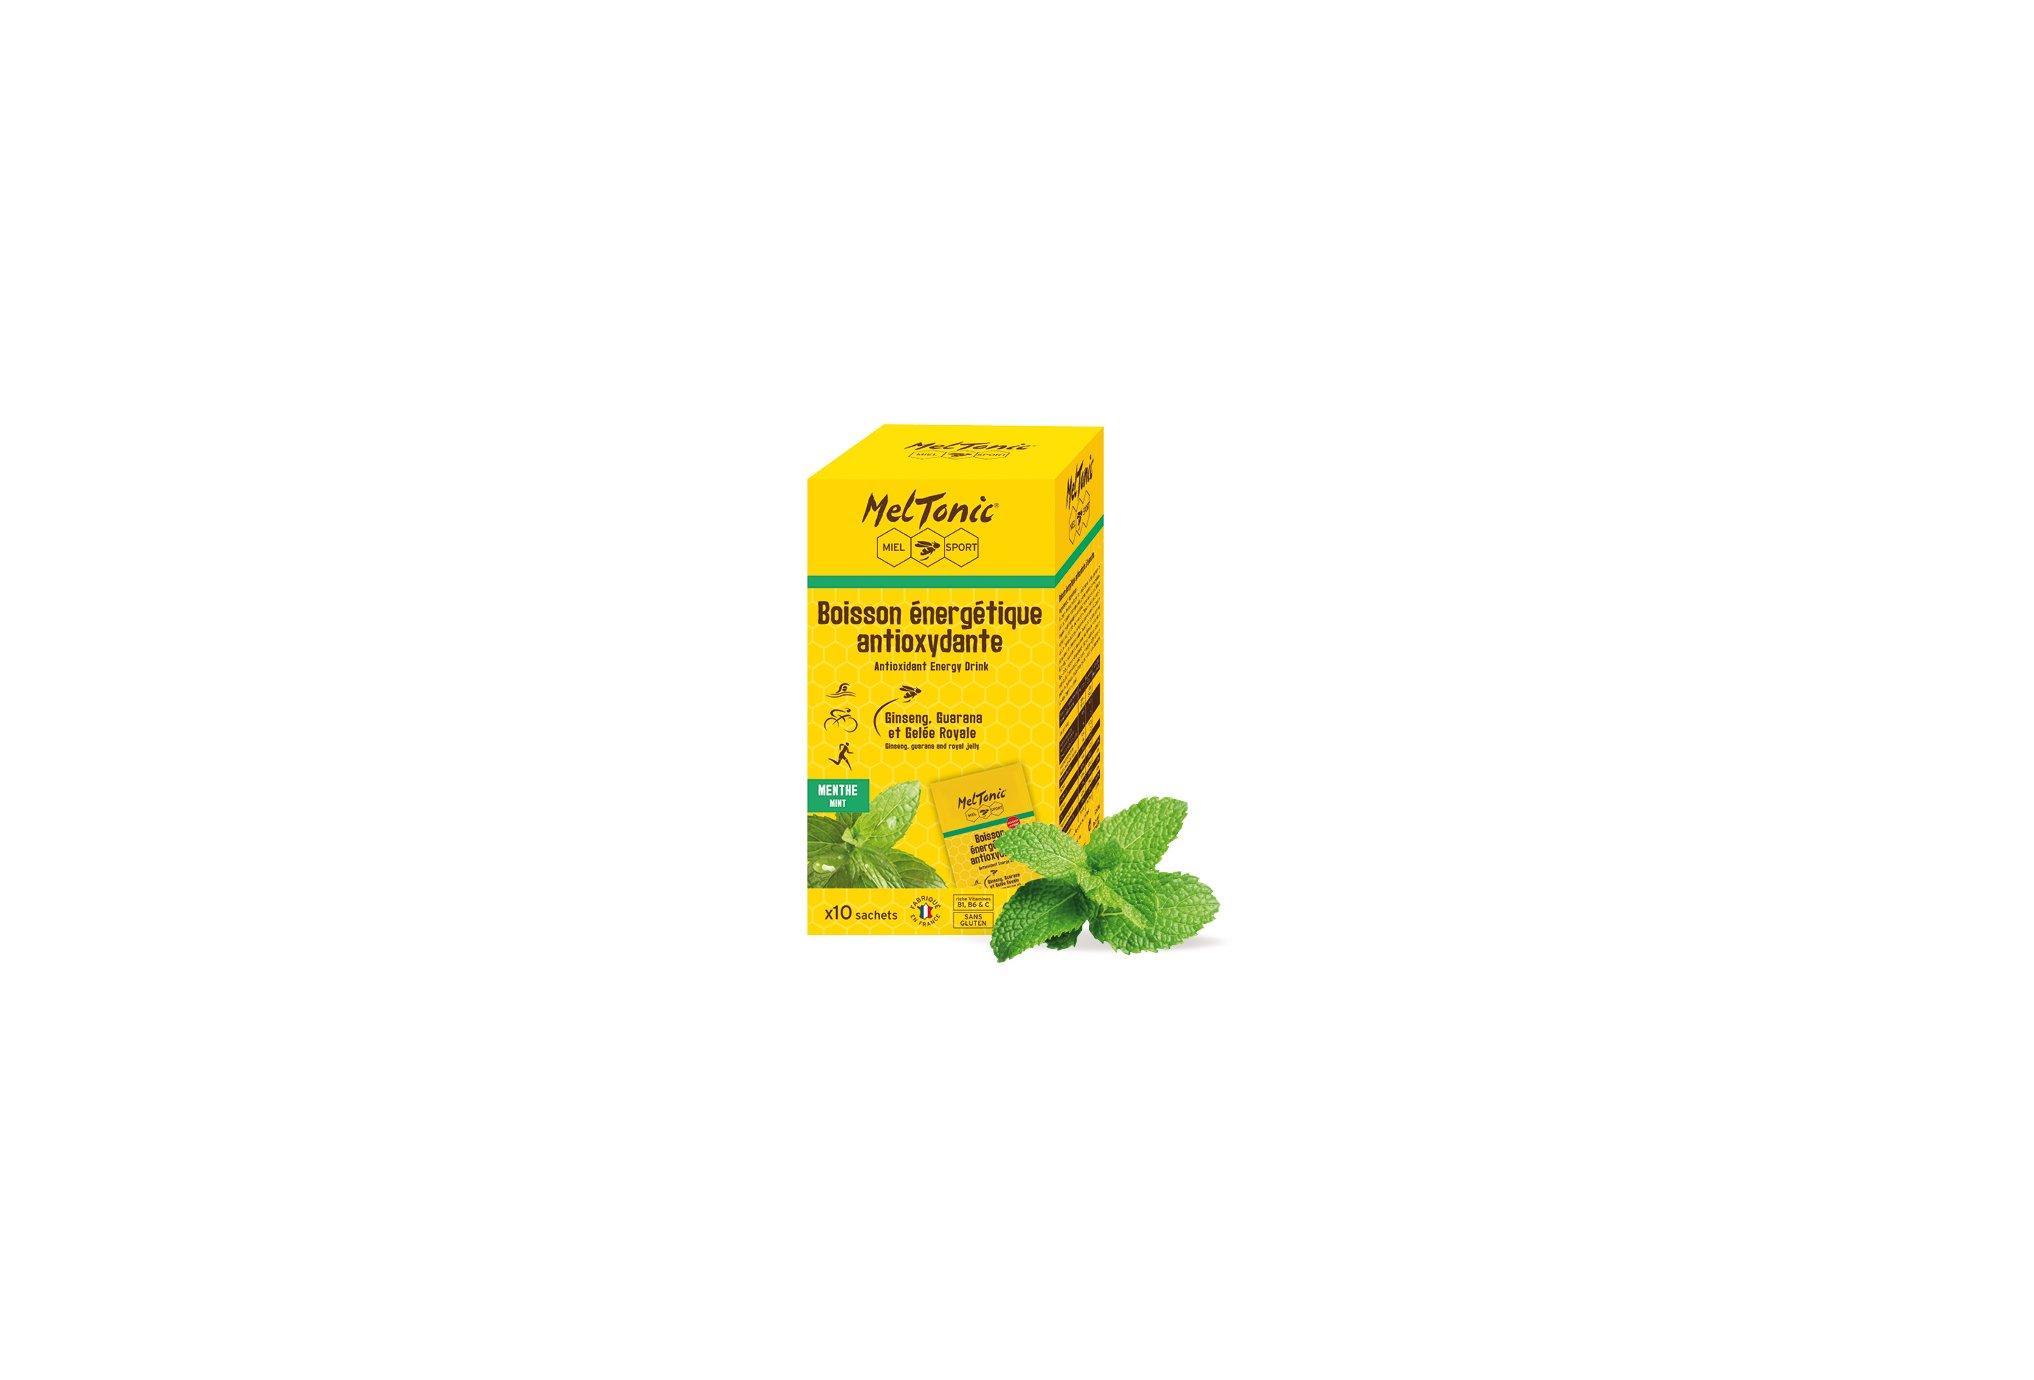 MelTonic Boisson Energétique Antioxydante - Menthe Diététique Boissons